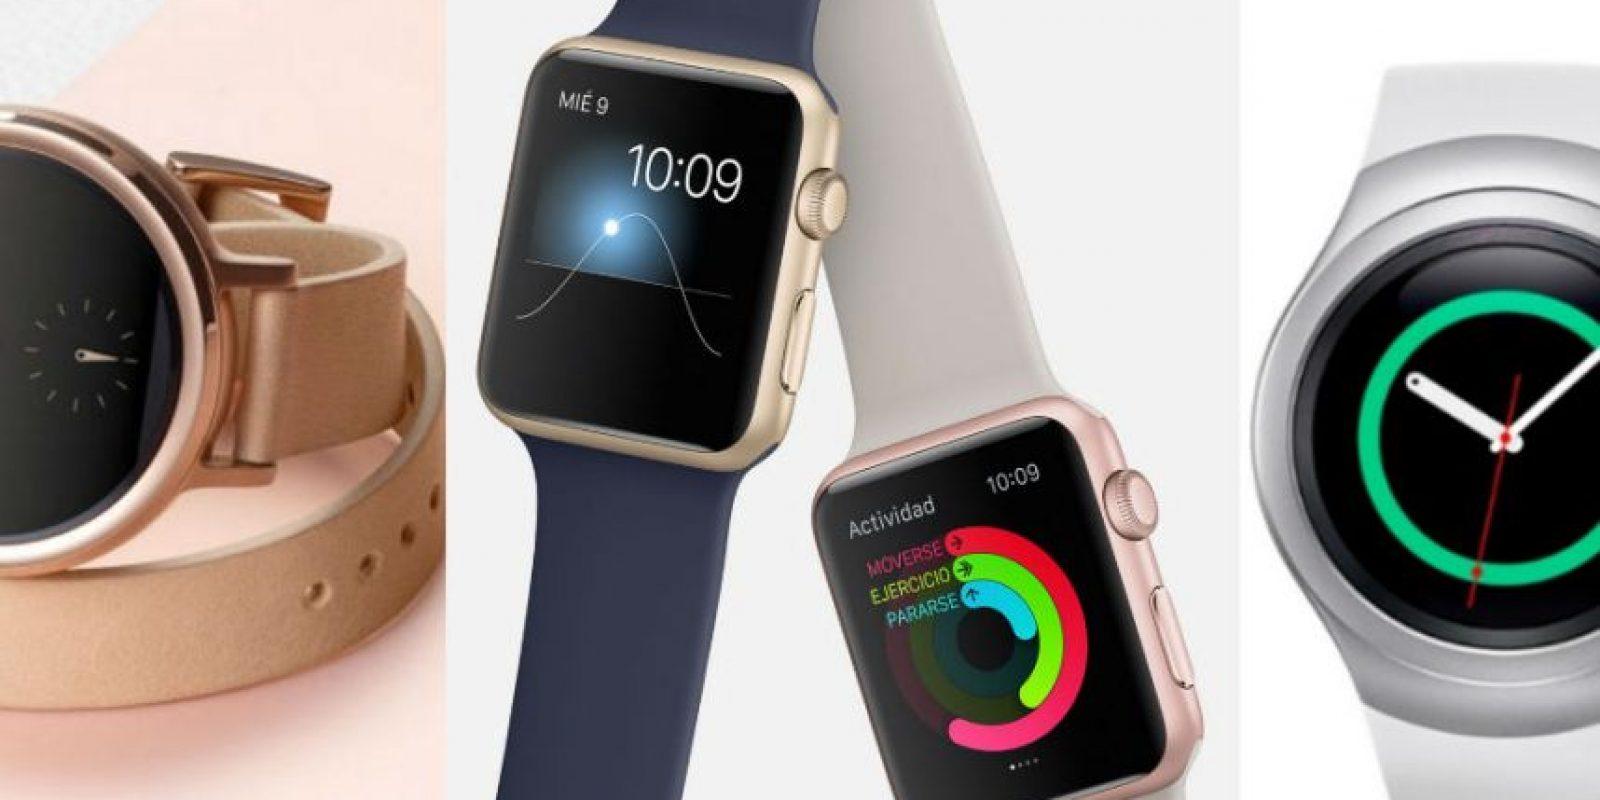 Estos son los relojes que todos quieren. Foto:Motorola / Apple / Samsung